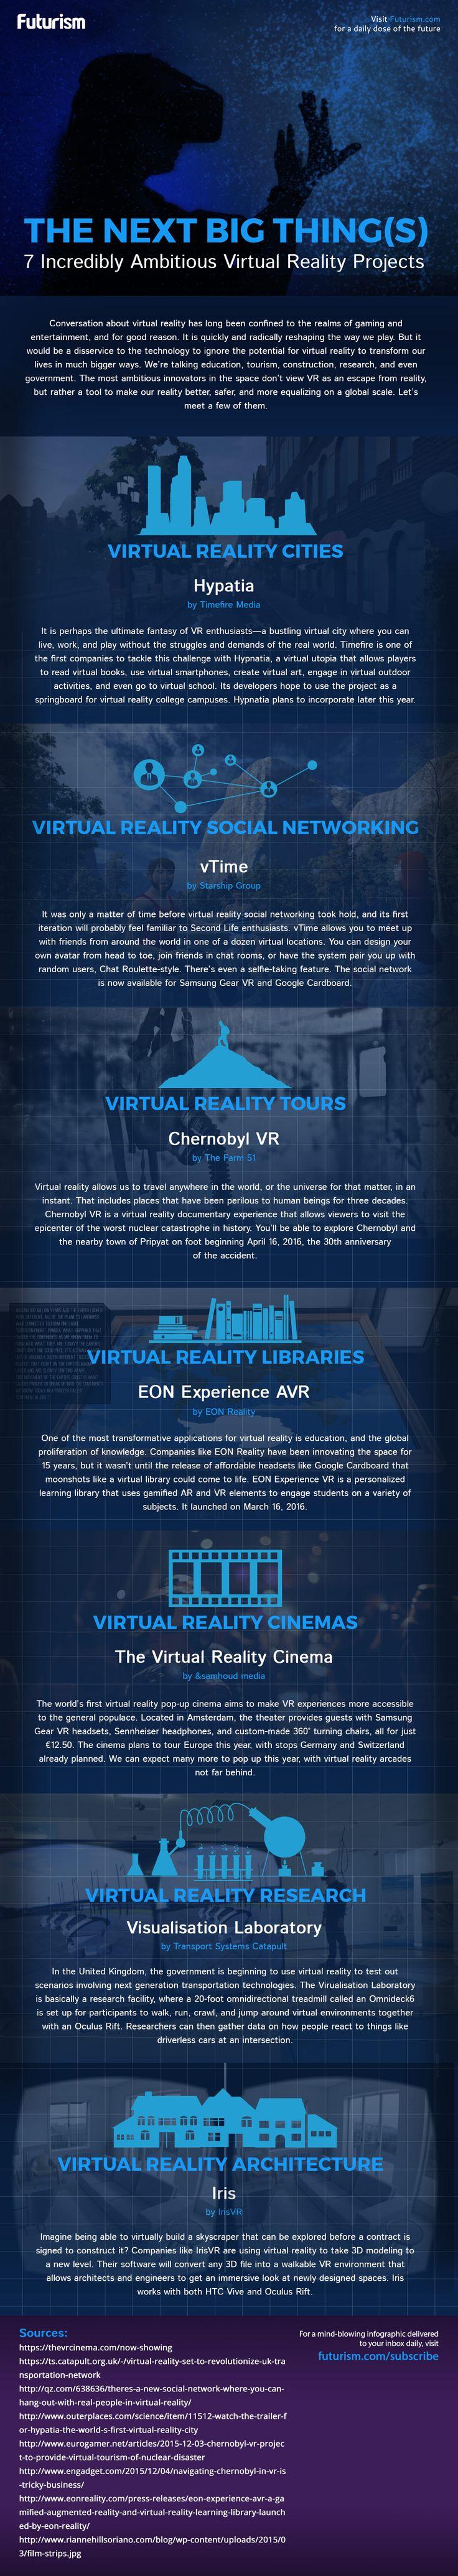 [Infographie] 7 projets de réalité virtuelle incroyablement ambitieux - Paris ...